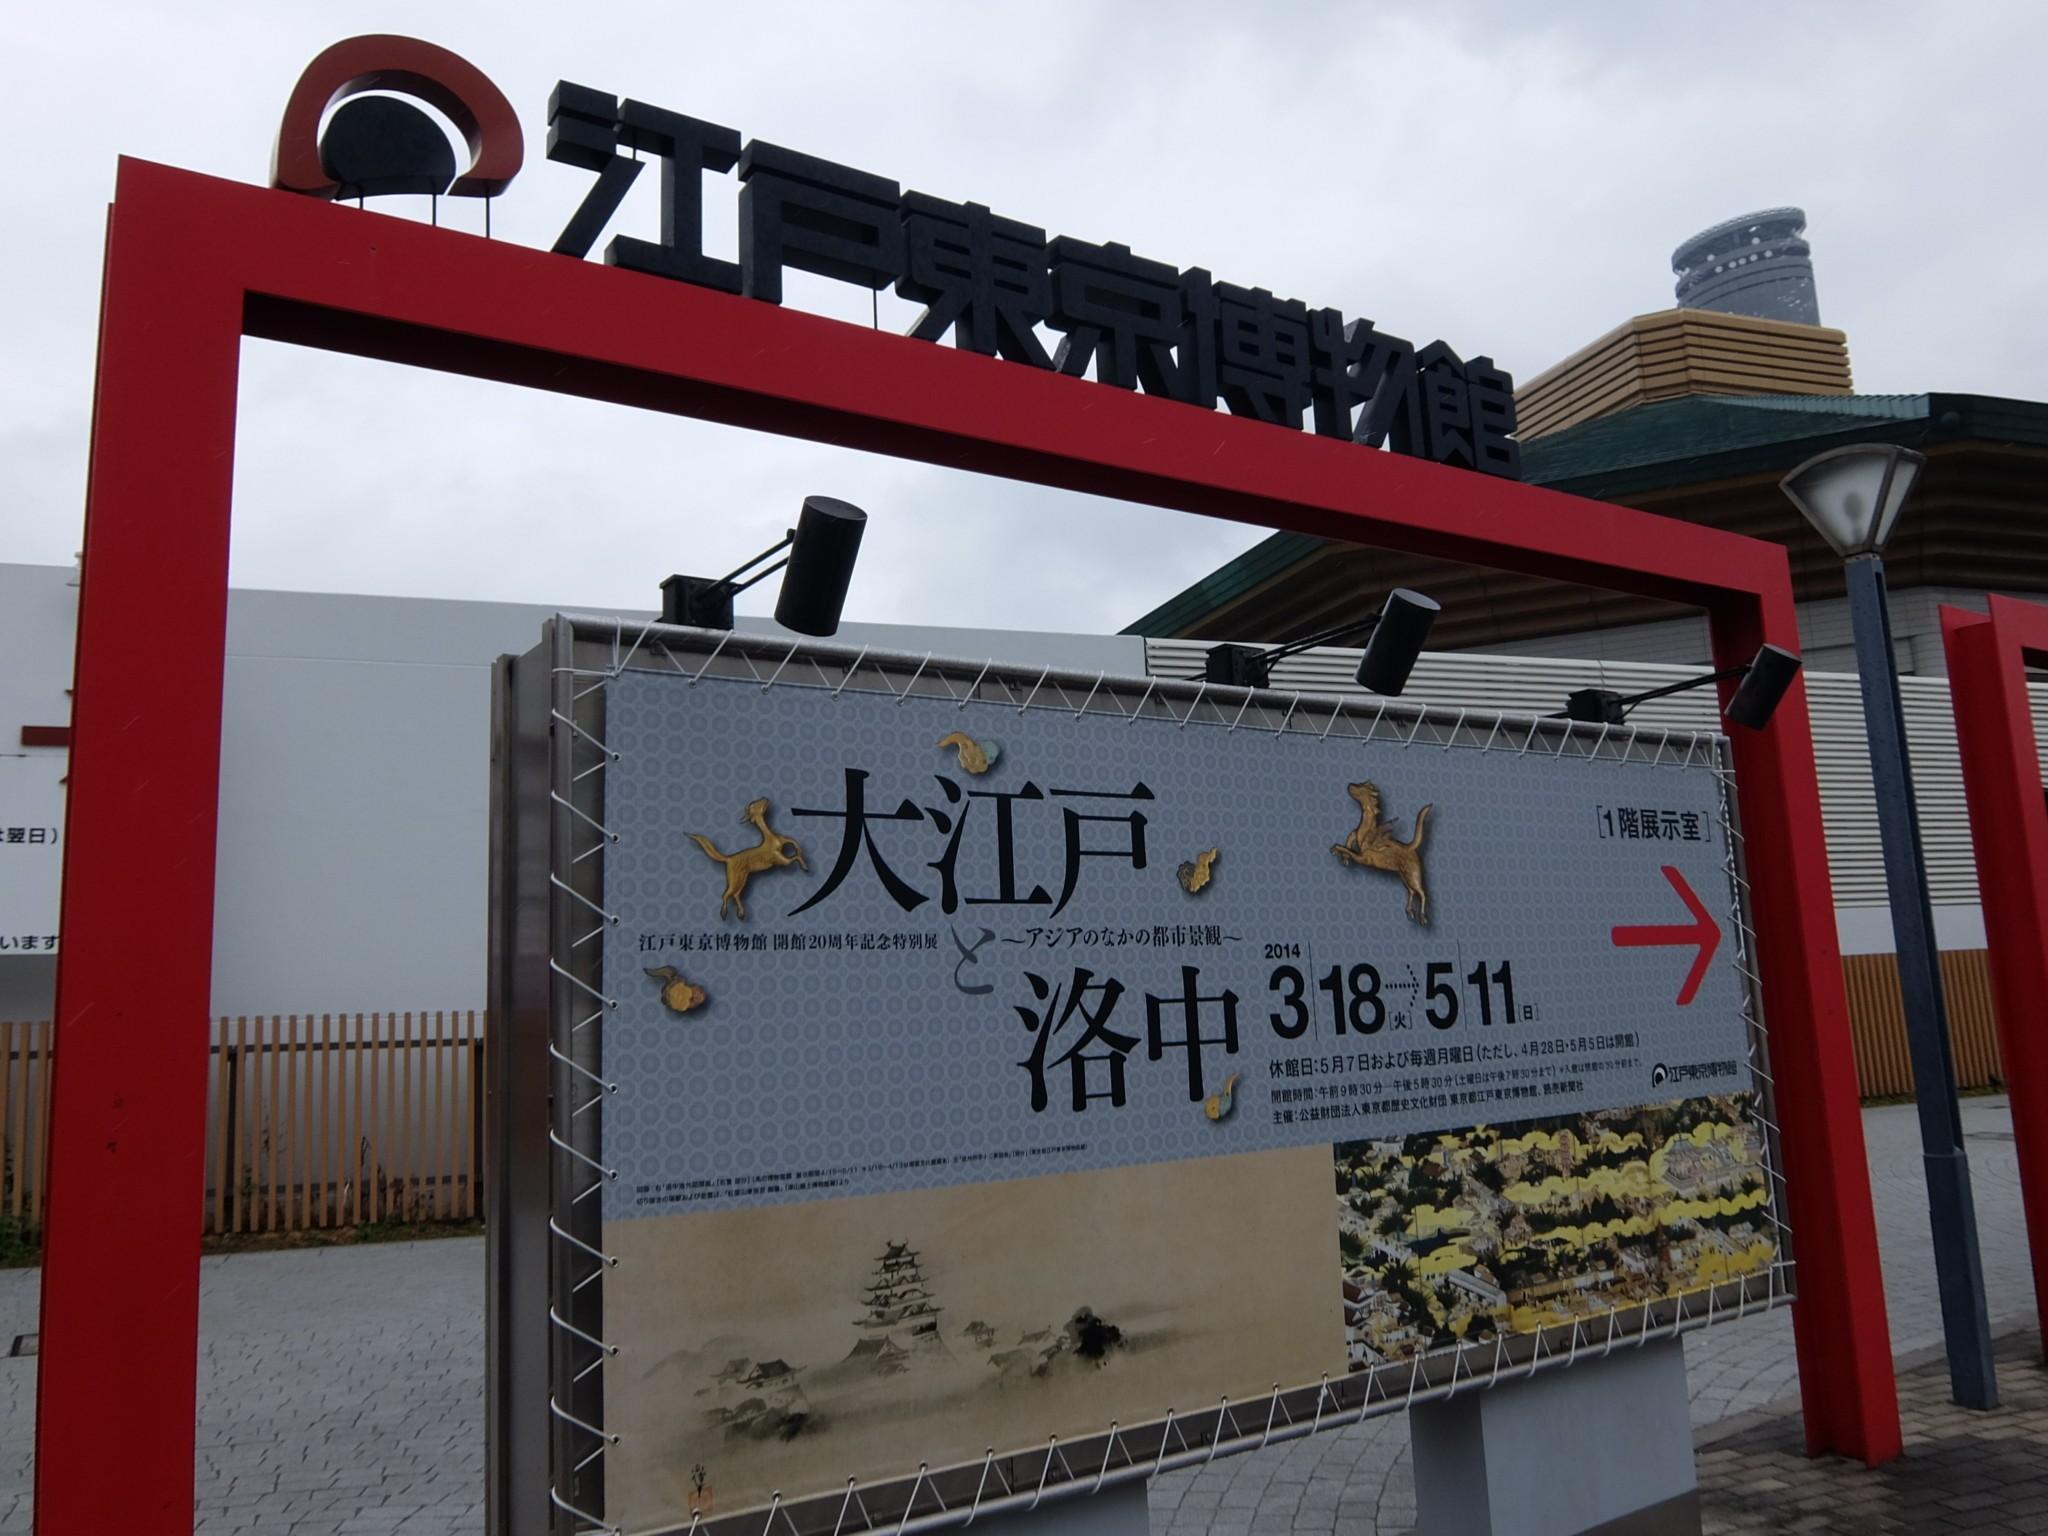 大江戸と洛中 ~アジアのなかの都市景観~